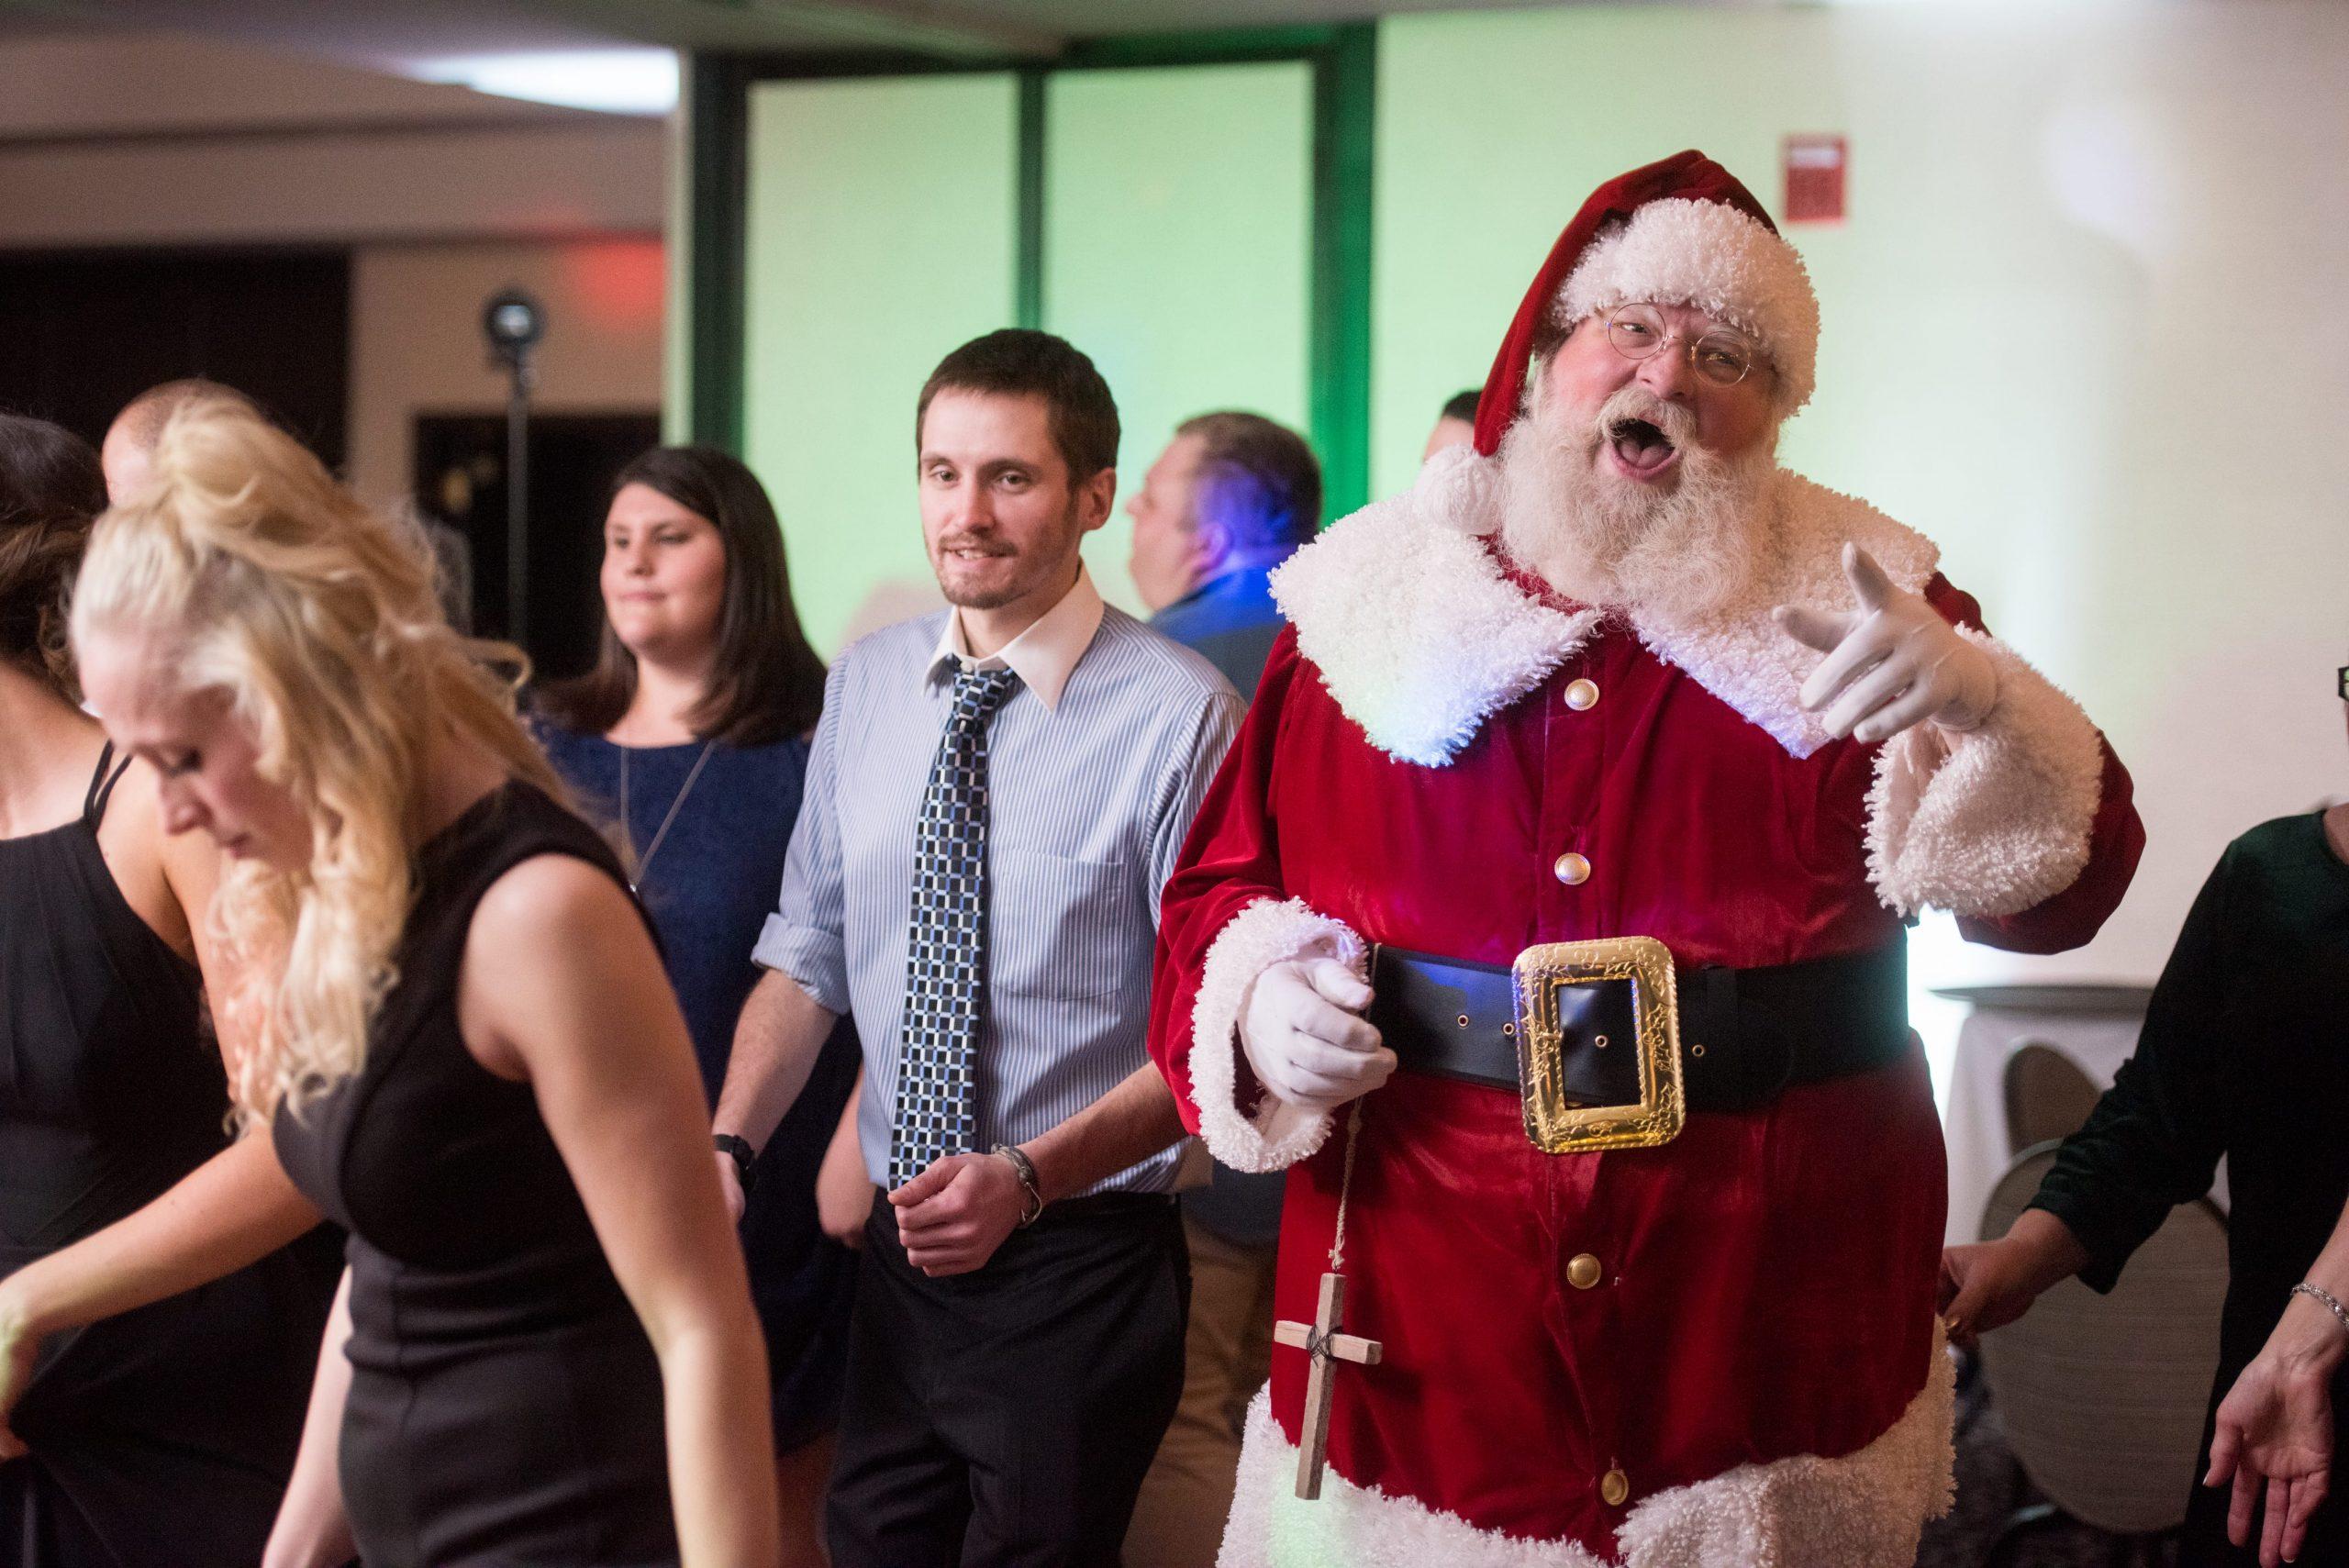 Santa Clause dancing wedding reception